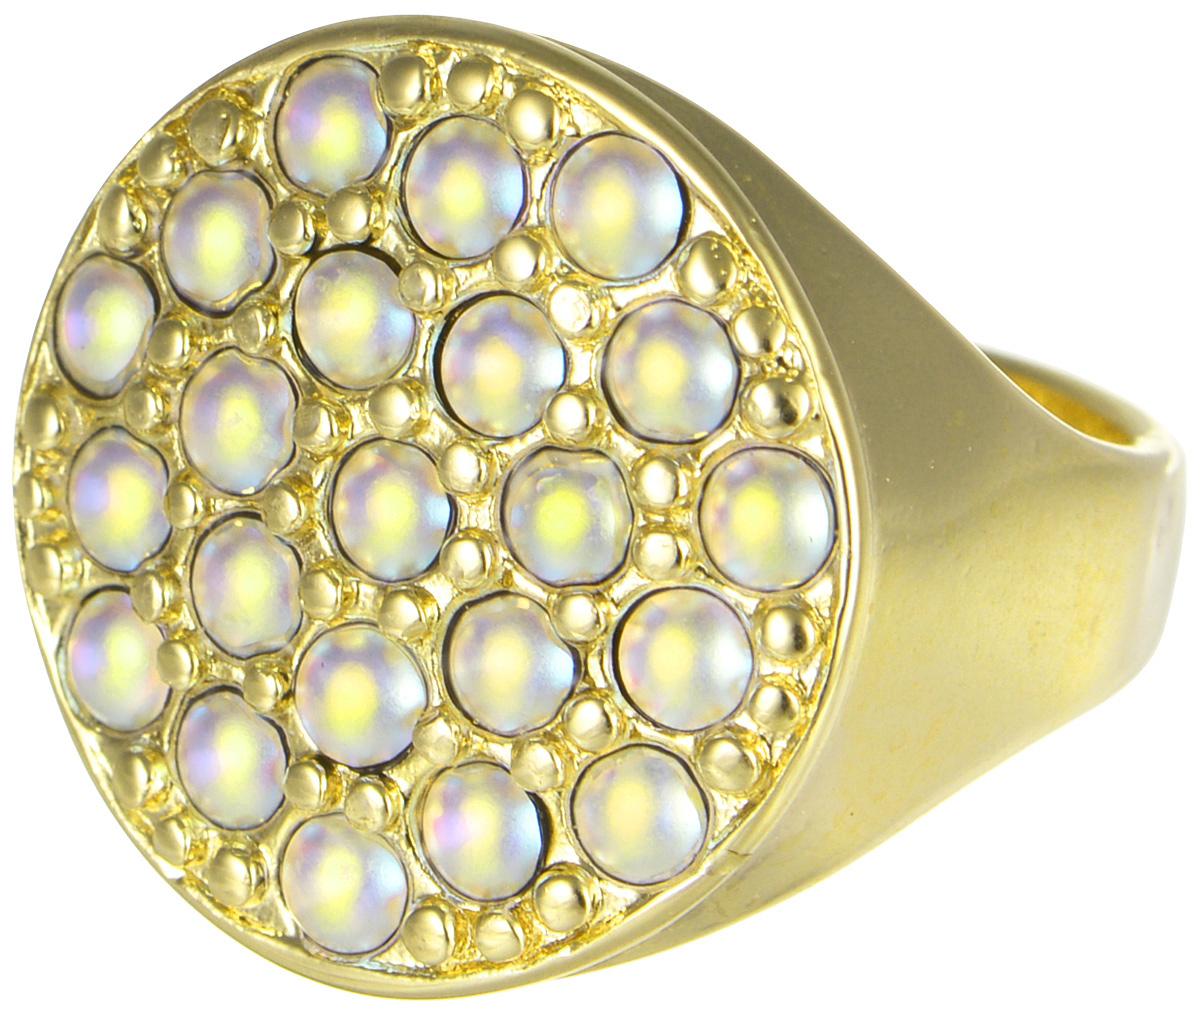 Кольцо Jenavi Франциска. Лош, цвет: золотой, мультиколор. j724p070. Размер 19Коктейльное кольцоКольцо Jenavi Лош из коллекции Франциска изготовлено из гипоаллергенного ювелирного сплава с позолотой и украшено радужными кристаллами Swarovski.Очарованию этого аксессуара невозможно противостоять. Это позолоченное кольцо станет прекрасным аксессуаром для современной модницы, которая любит демонстрировать передовые взгляды и надевать самые актуальные украшения.